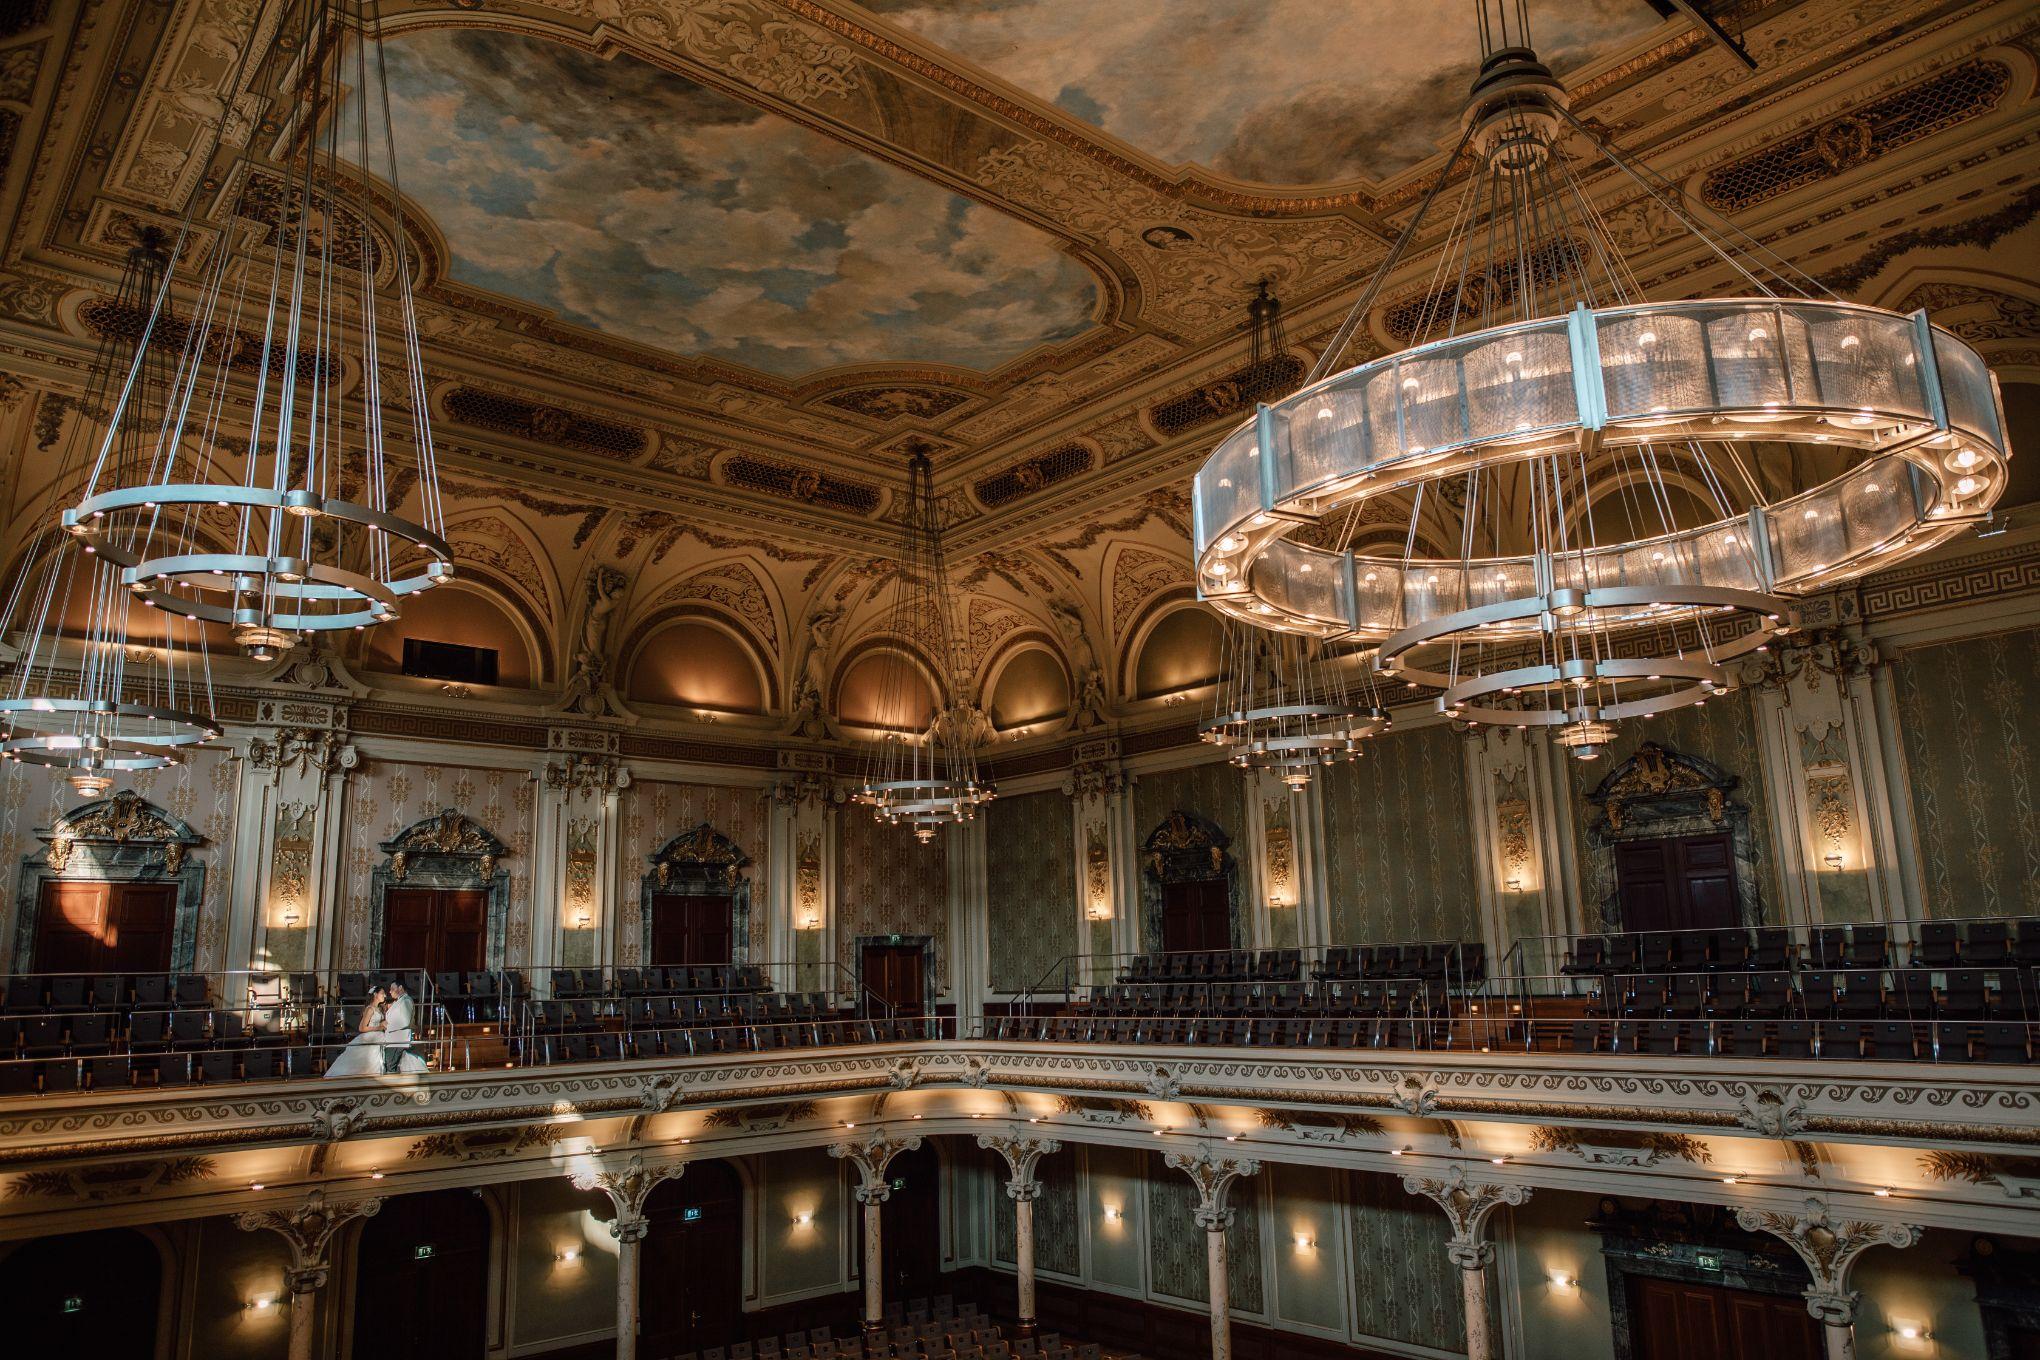 Historische-Stadthalle-Wuppertal-Hochzeit-The-Saums-KN-4-137.jpg